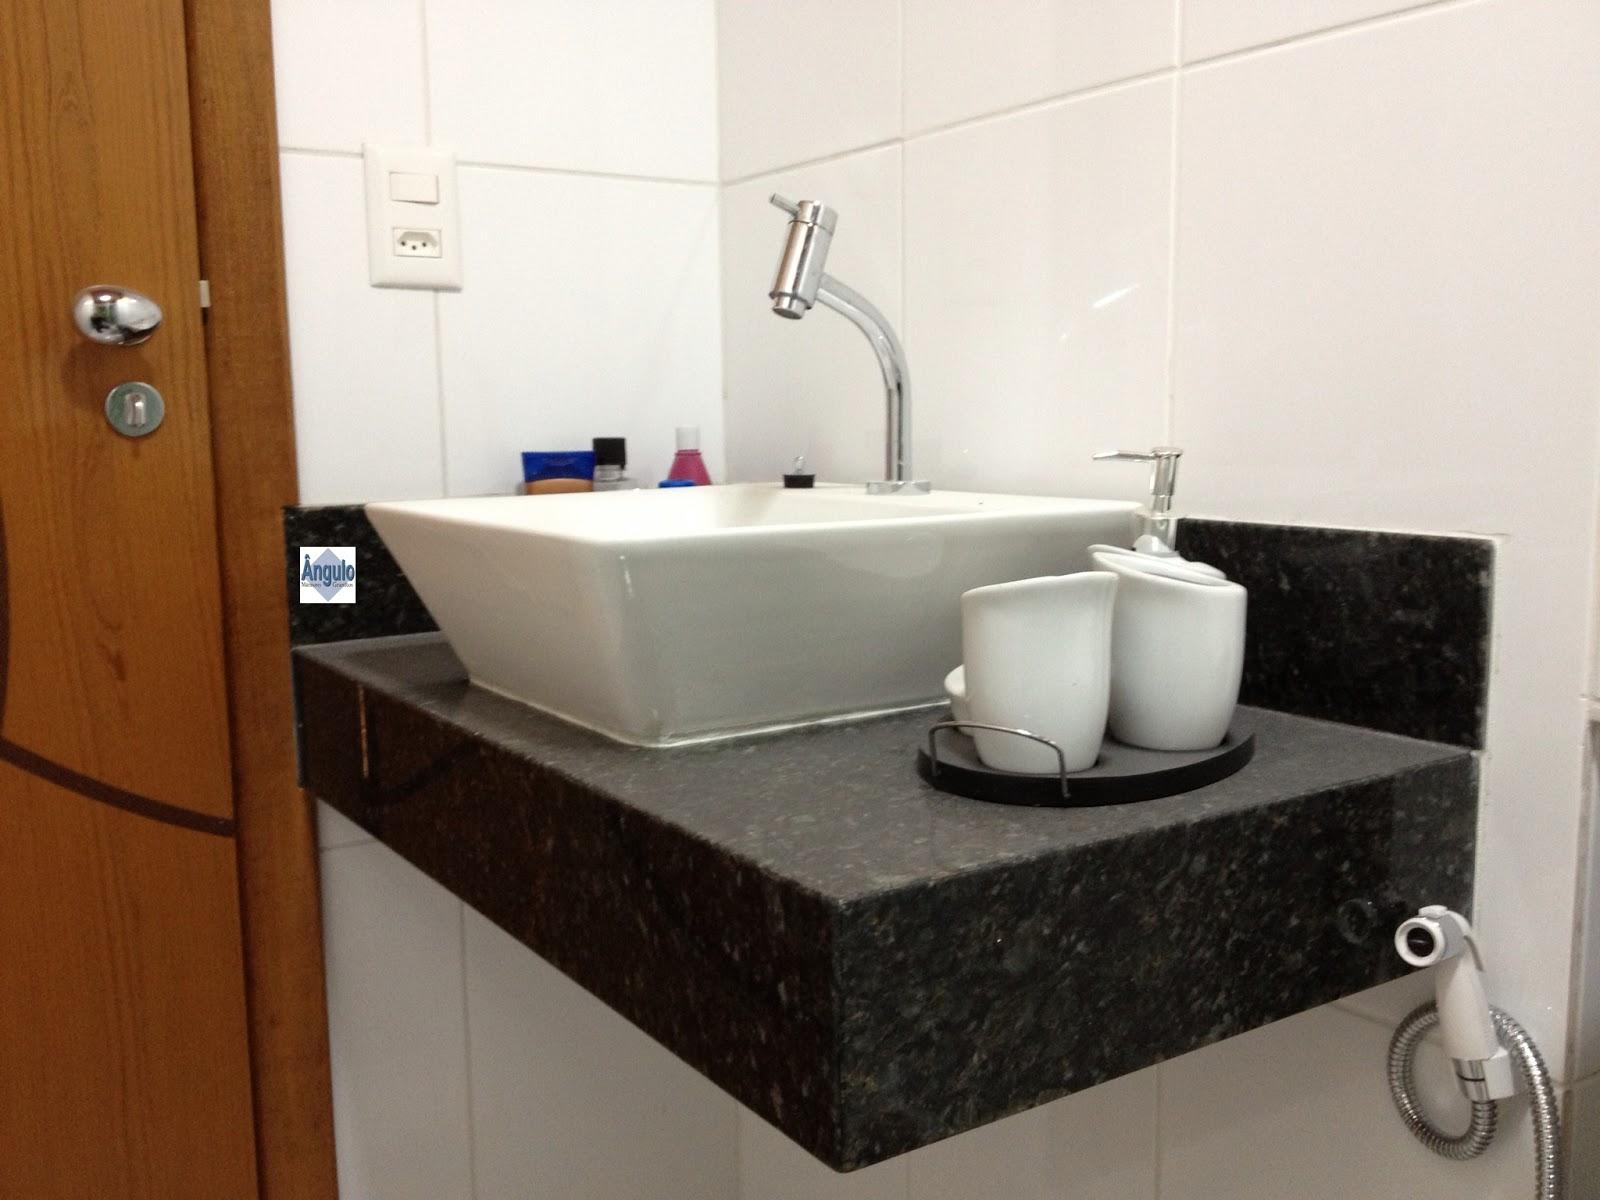 Ângulo Mármores e Granitos: Banheiros #13276E 1600x1200 Bancada P Banheiro